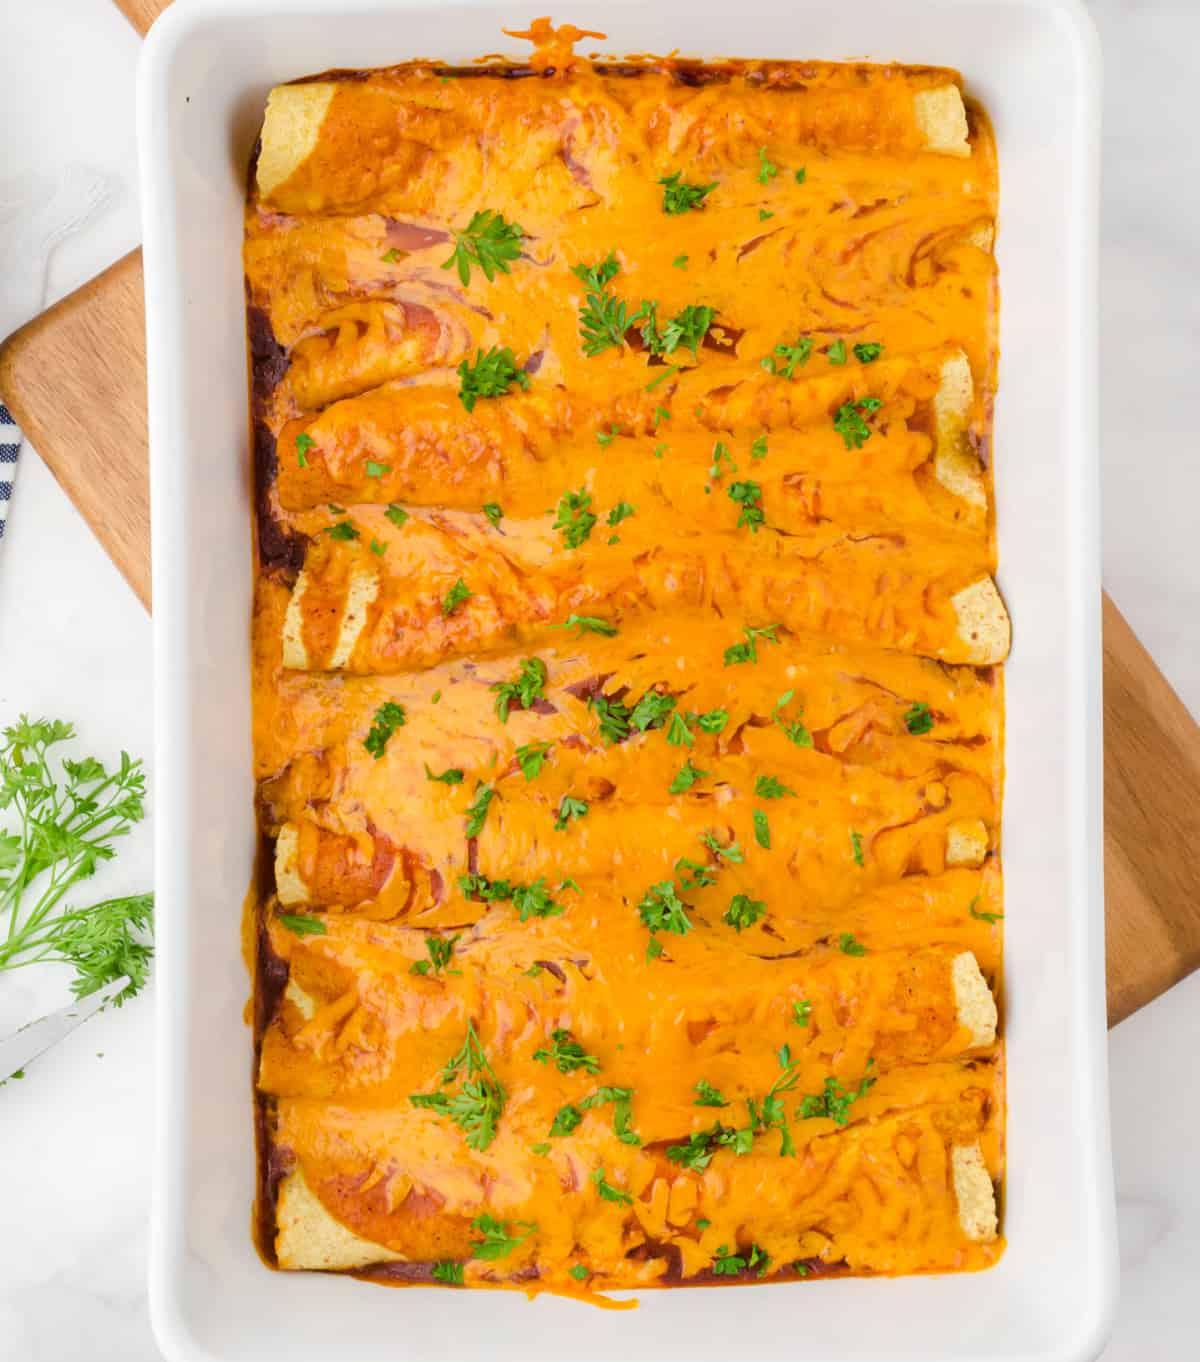 Enchiladas înfășurate și așezate într-un vas de copt alb cu sos enchilada și brânză deasupra și coapte.